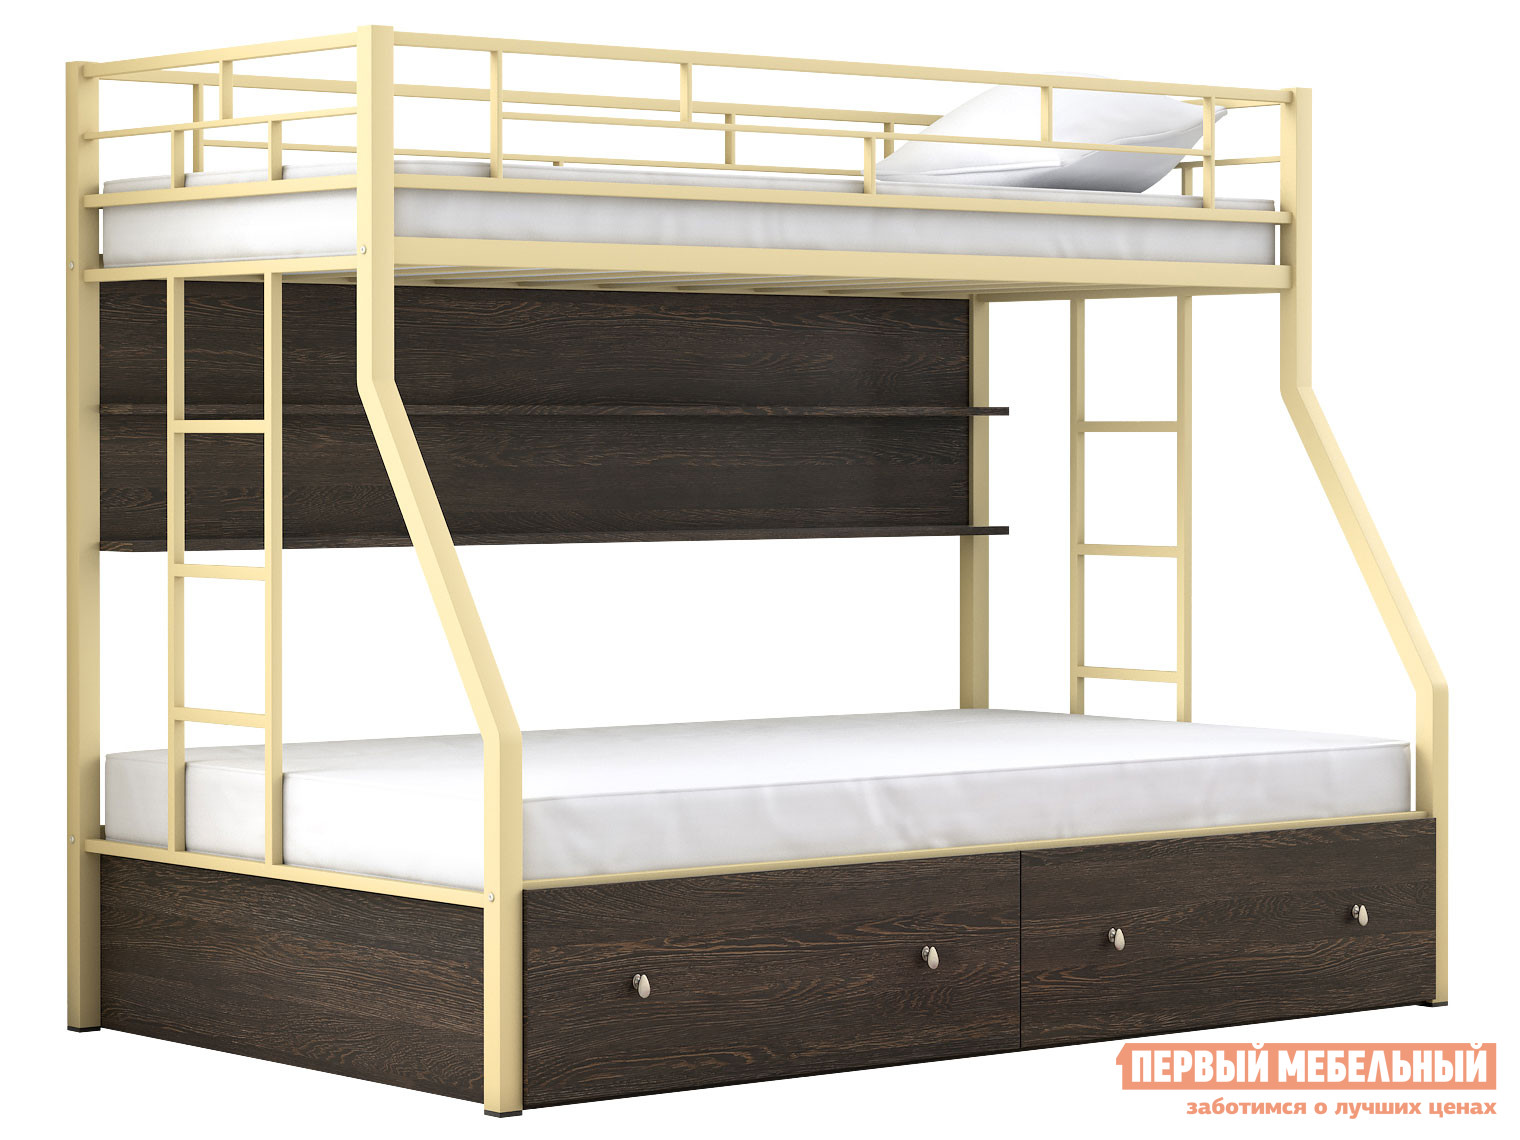 Двухъярусная кровать МФ 4 Сезона Двухъярусная детская кровать Милан с полкой и ящиками